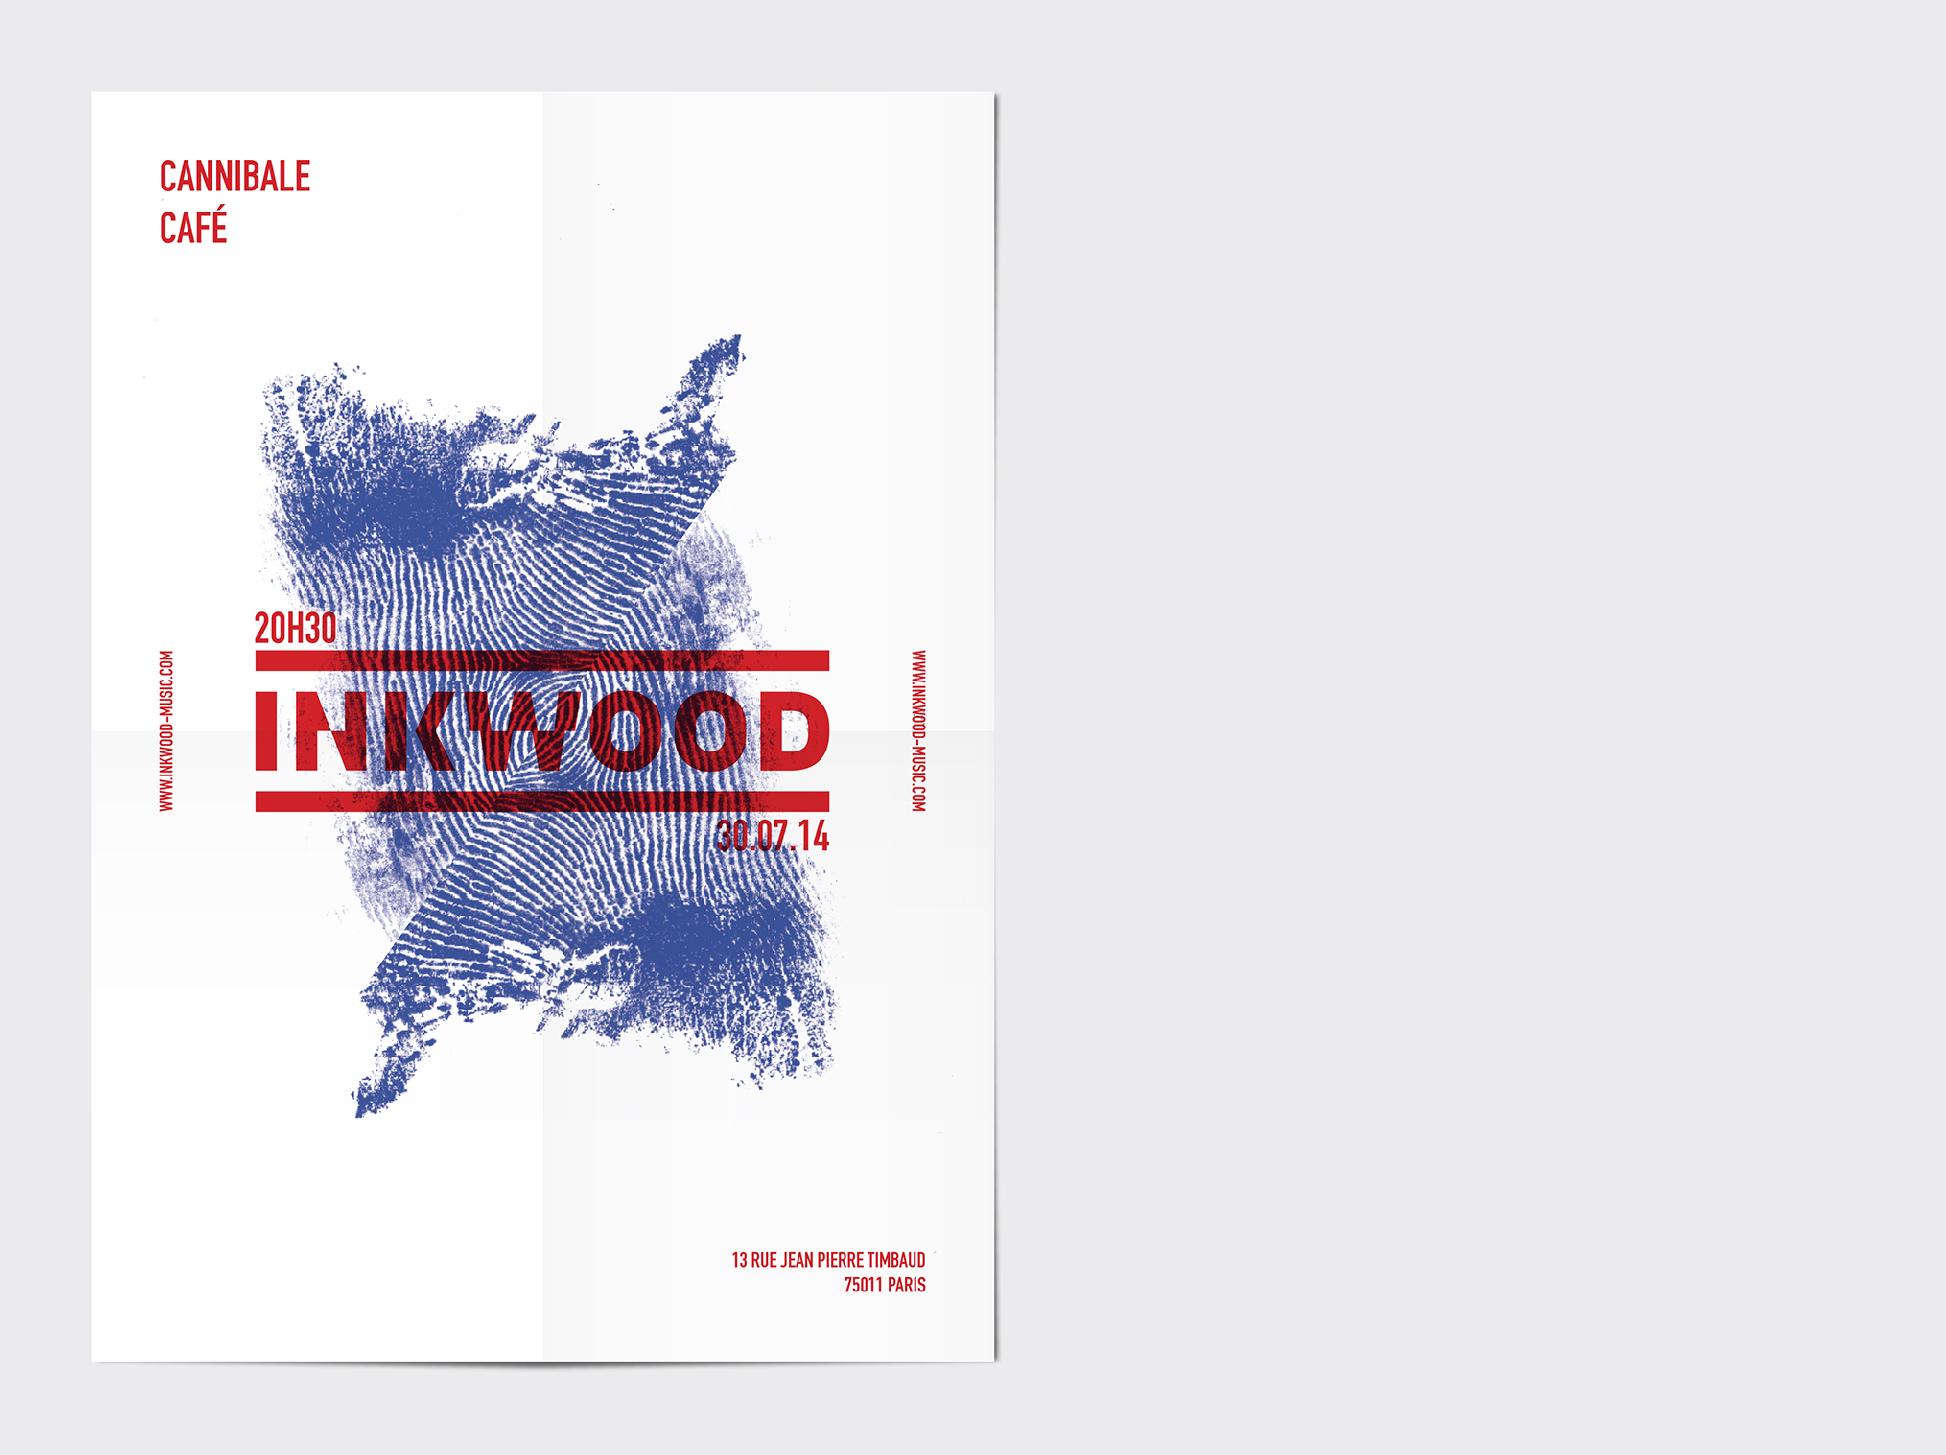 Inkwood / Atelier à Propos (7)